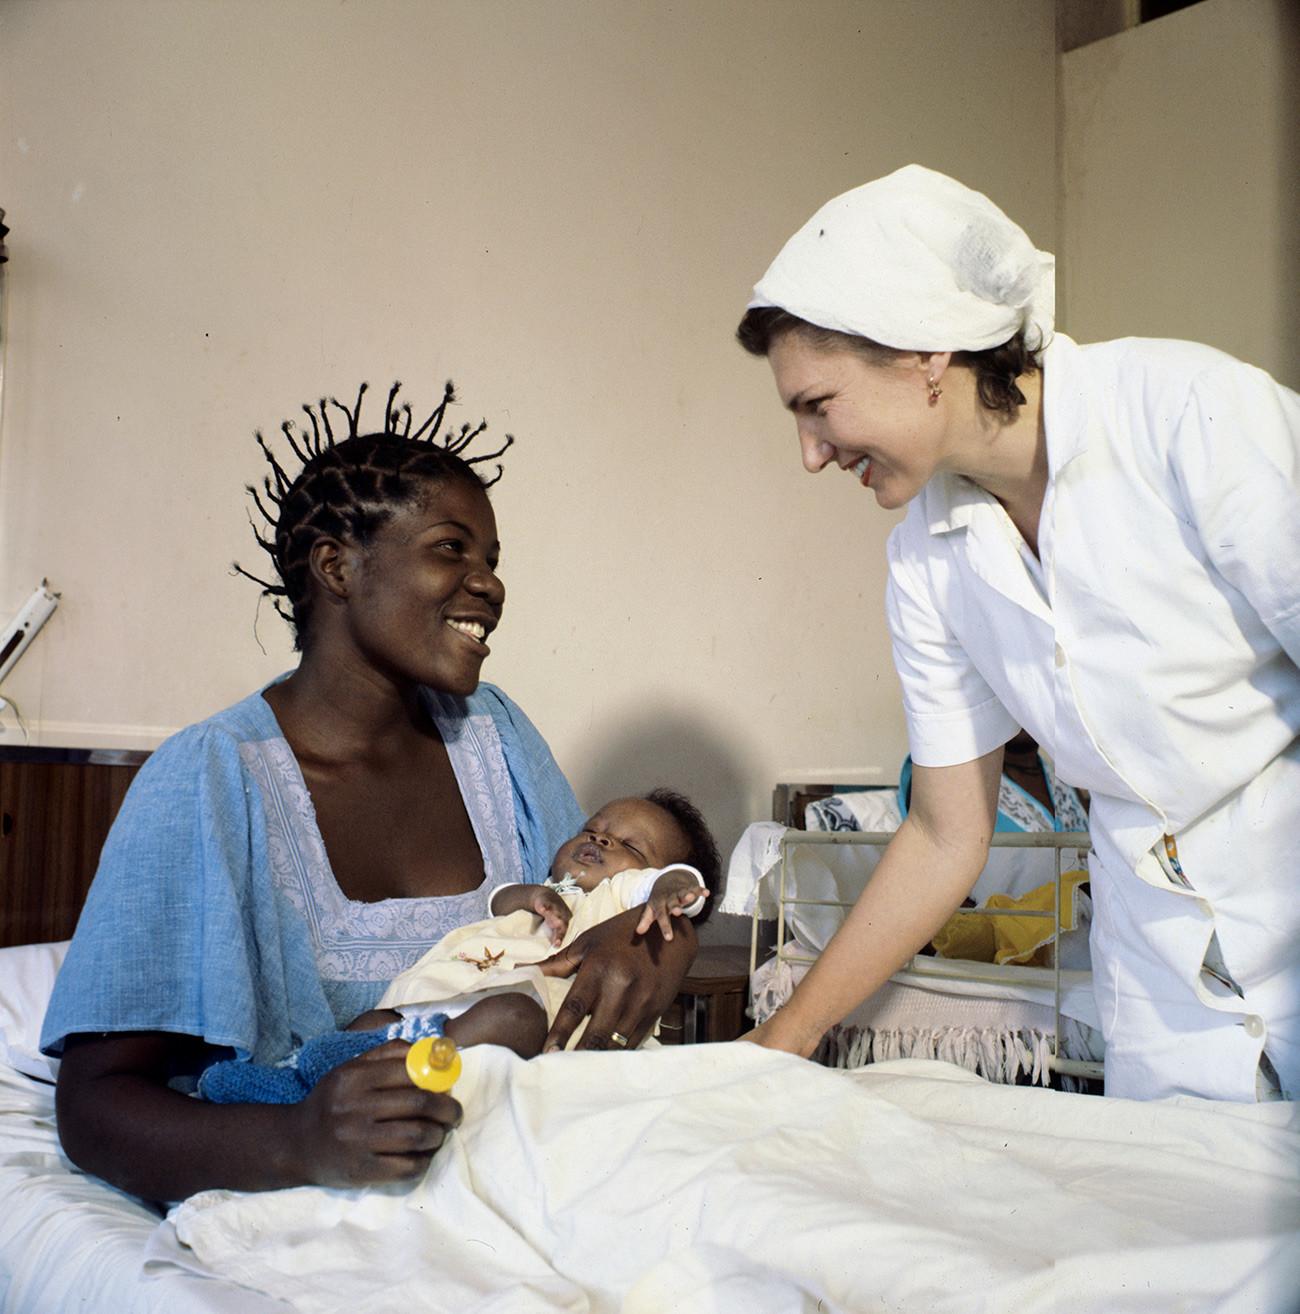 助産婦のアントニナ・ステルマホワと褥婦。ルバンゴ市、アンゴラ